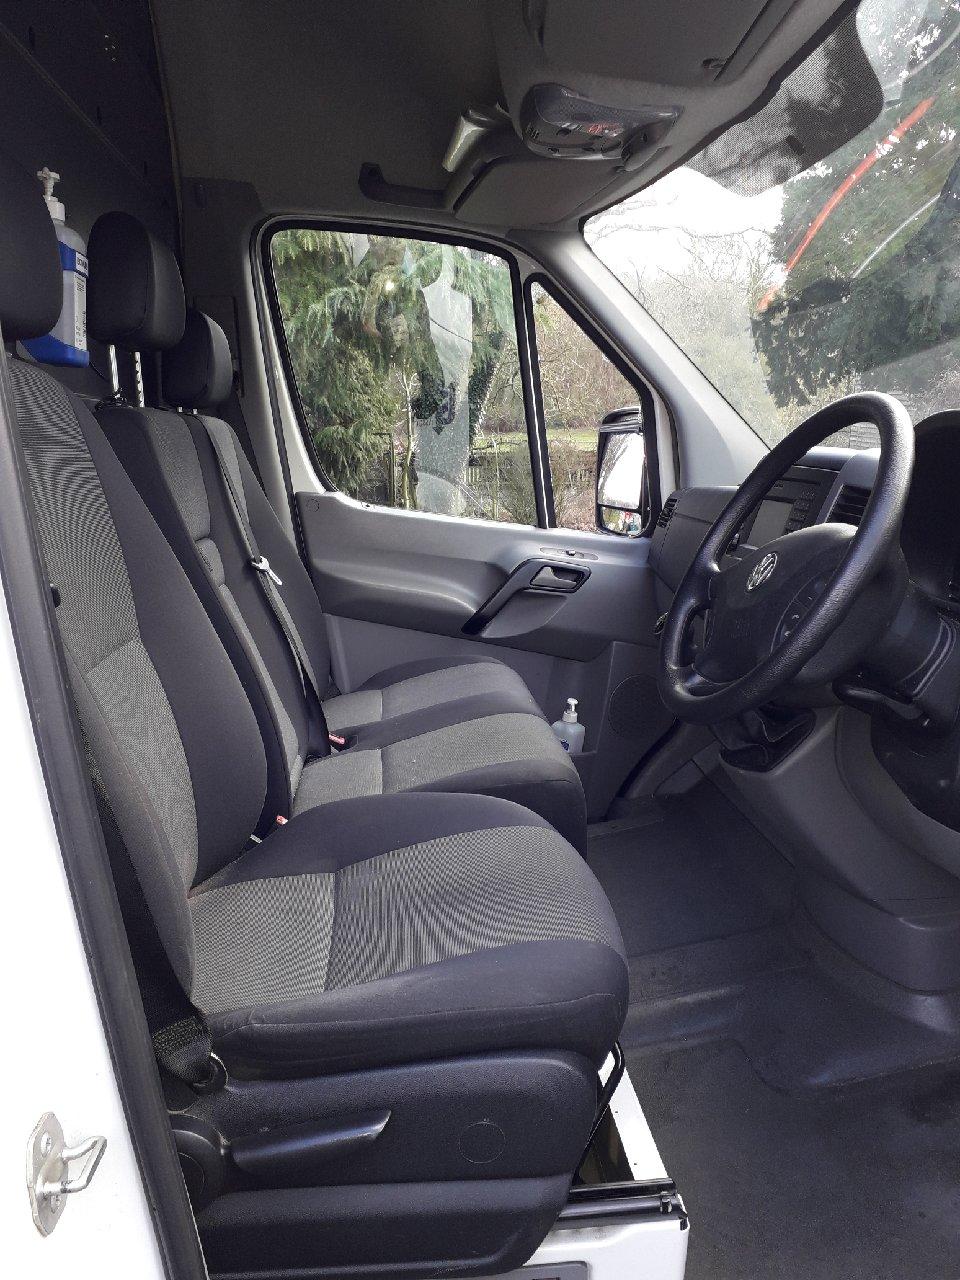 Lot 1 - VW Crafter CR35 TDi Panel Van, registration GK15 V